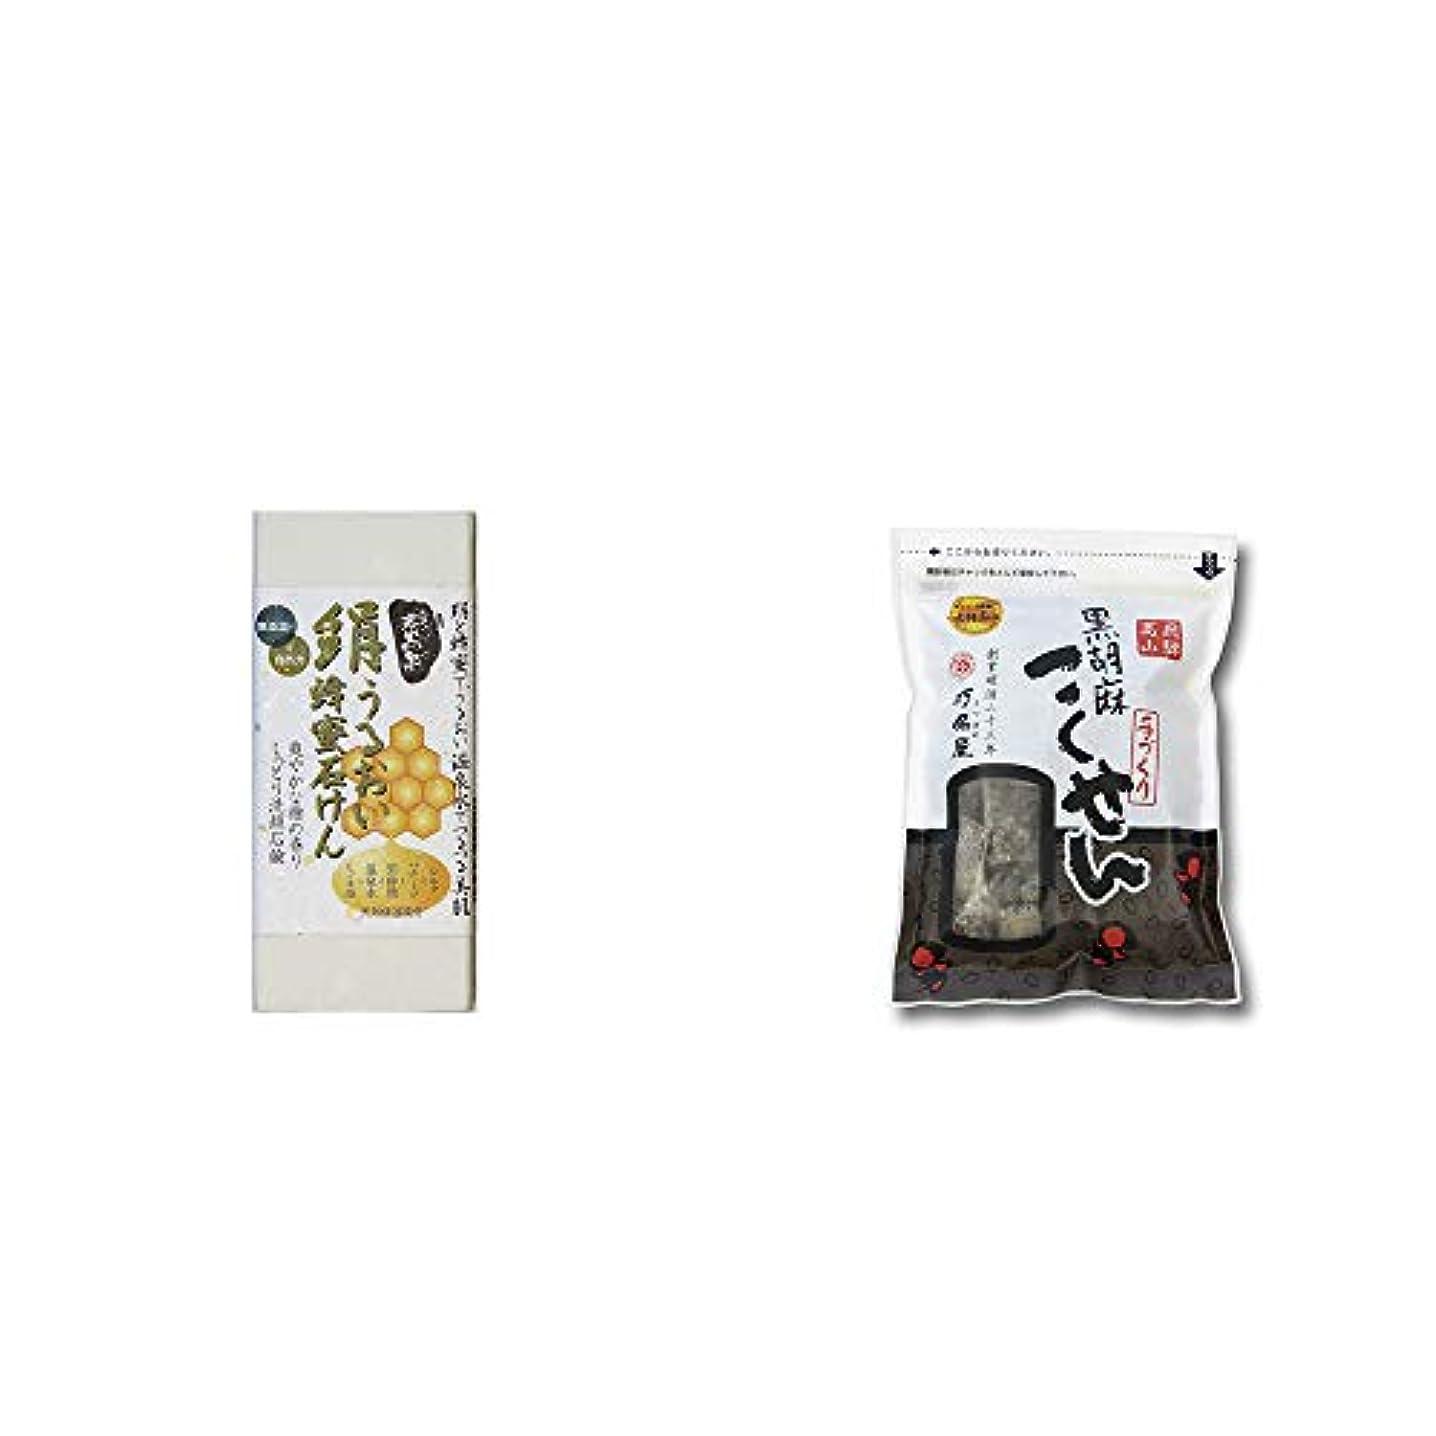 同じ排除協定[2点セット] ひのき炭黒泉 絹うるおい蜂蜜石けん(75g×2)?飛騨 打保屋 駄菓子 げんこつきなこ(250g)